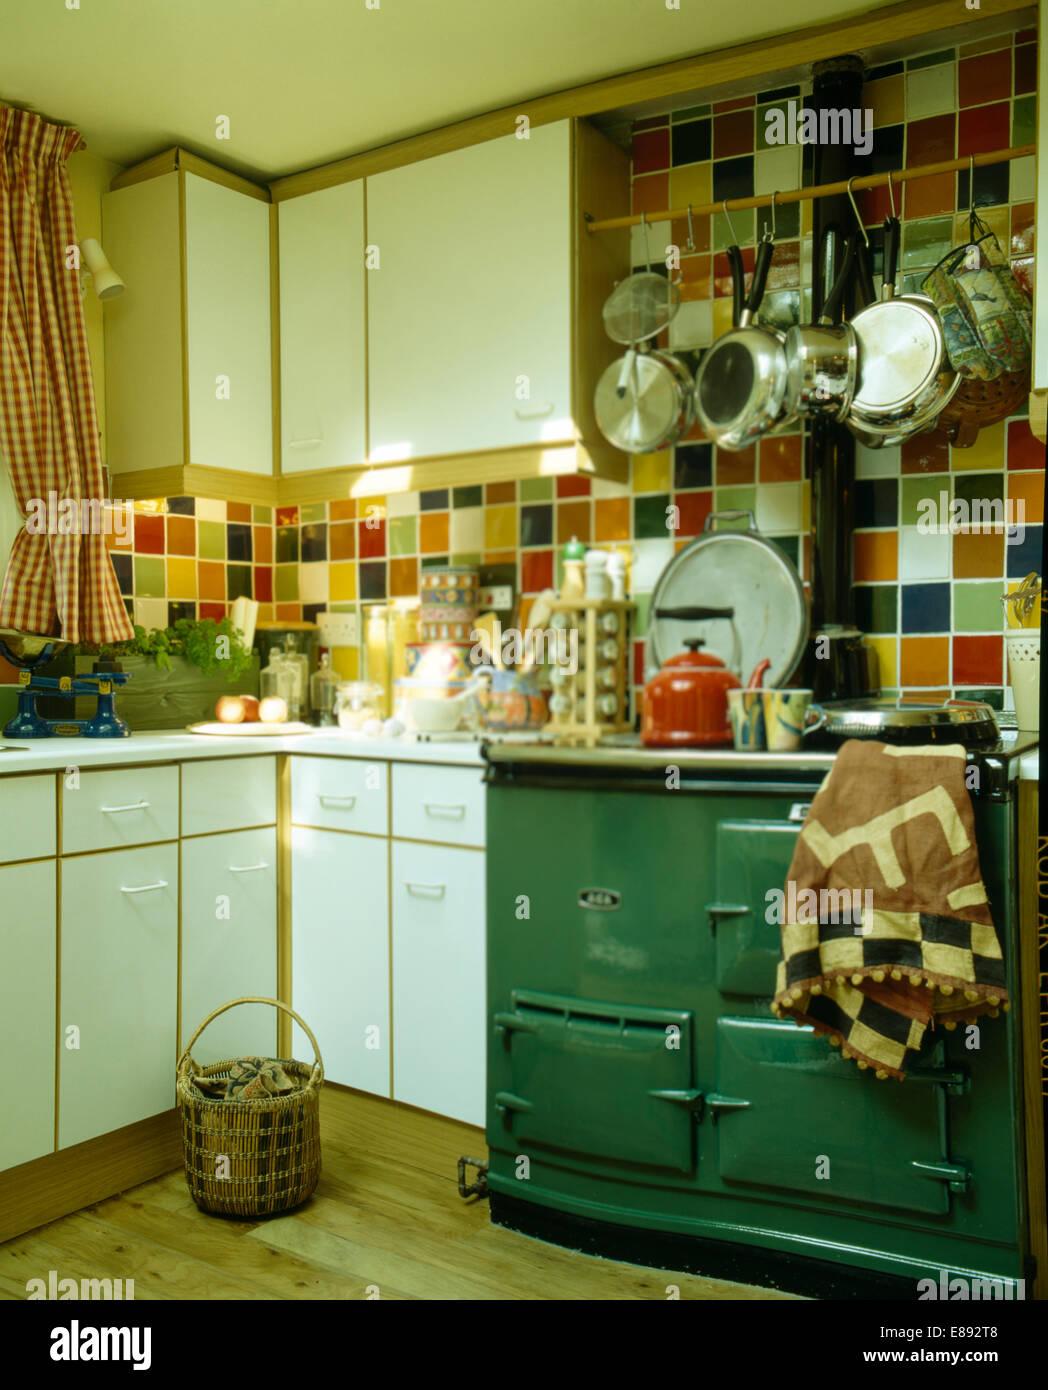 Grun Aga Ofen In Der Kuche Mit Bunten Wandfliesen Stockfoto Bild